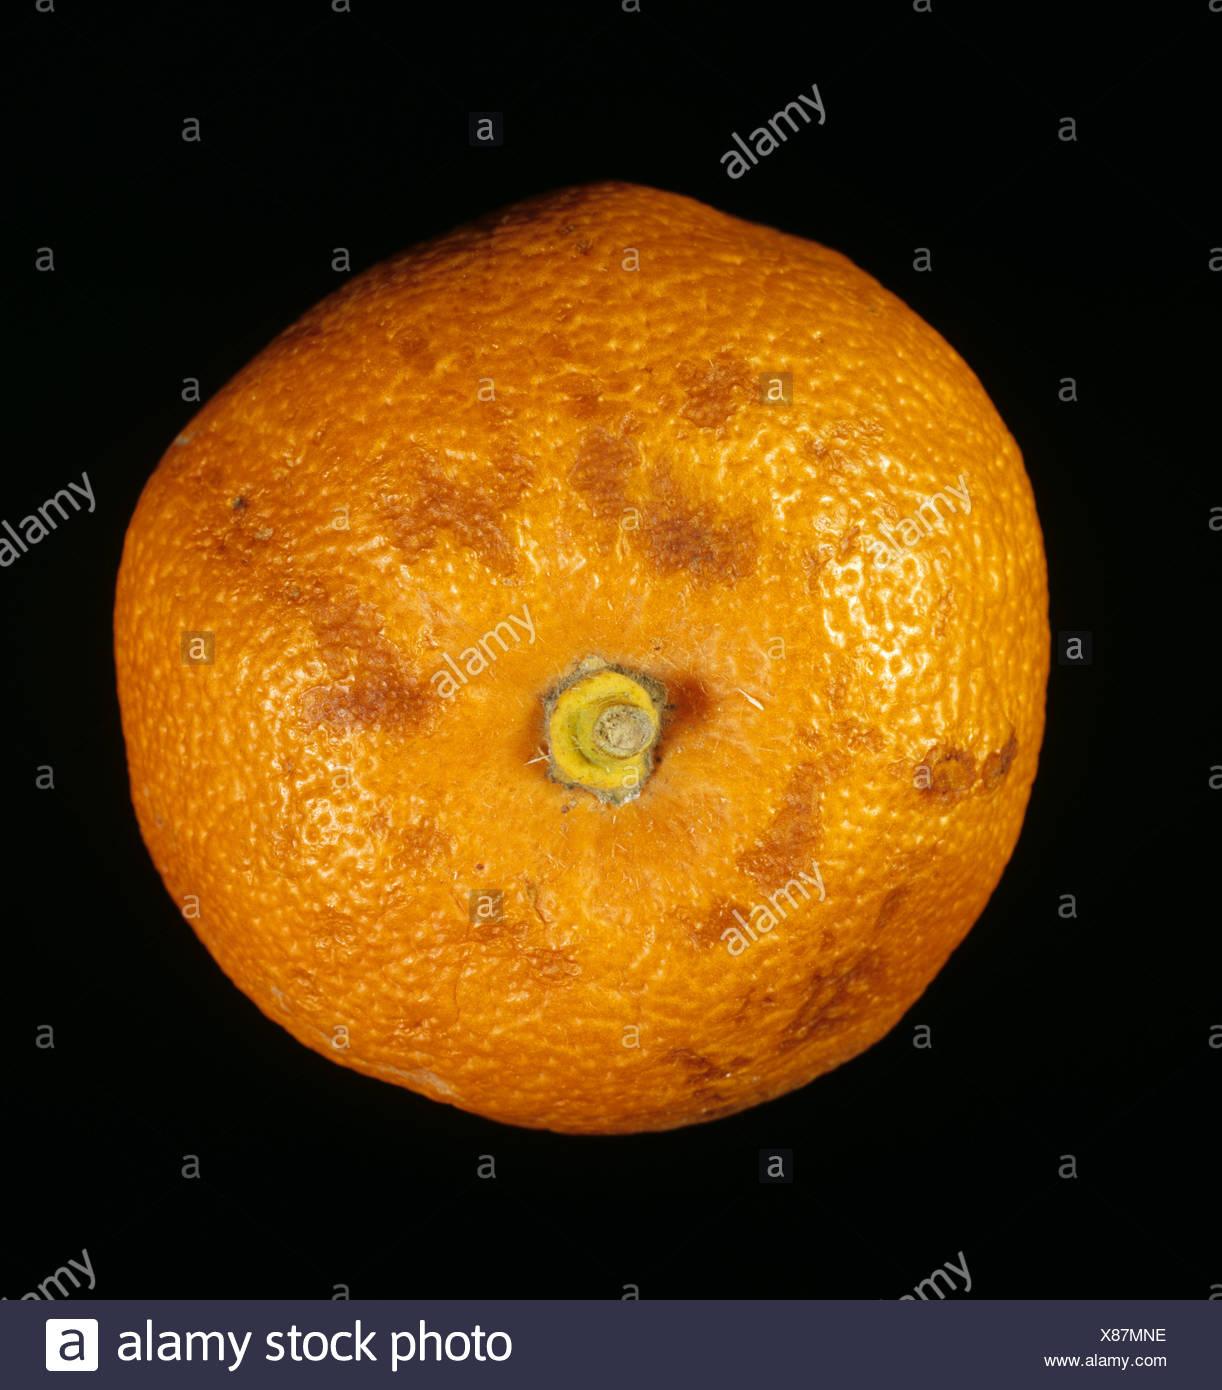 Contrassegni su orange causato da lesioni a freddo e basse temperature in negozio Foto Stock